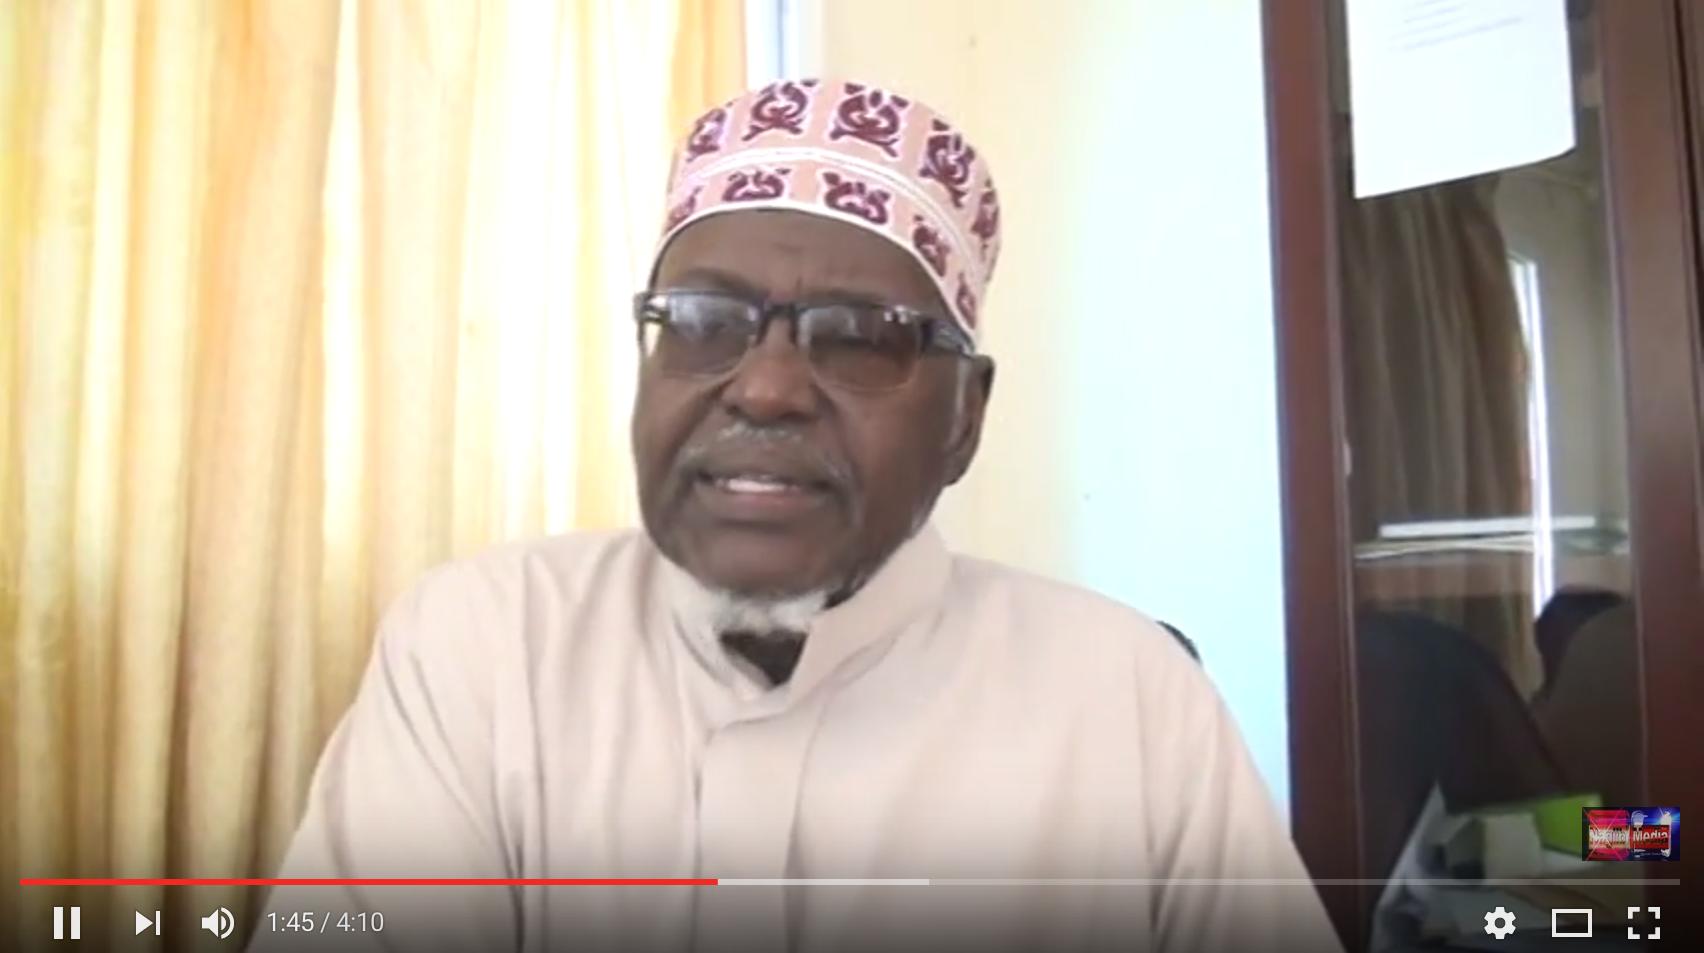 [Daawo] Xildhibaanadda beesha Isaaq oo ku baaqay in Jihaad lala galo Ethiopia ?